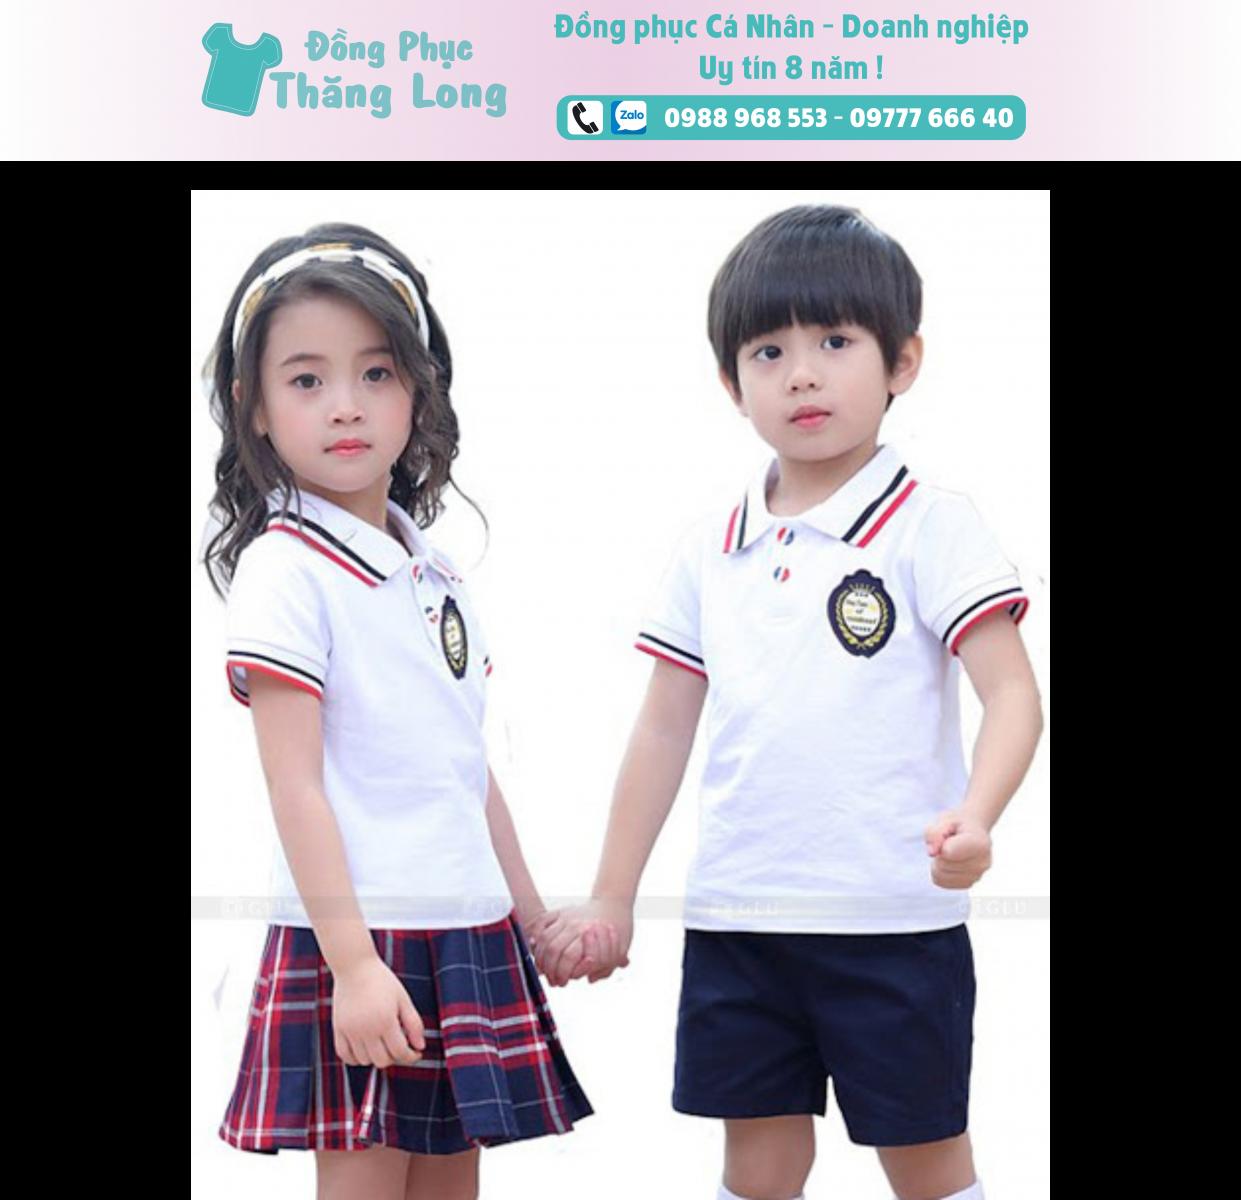 Đồng phục học sinh mẫu 012